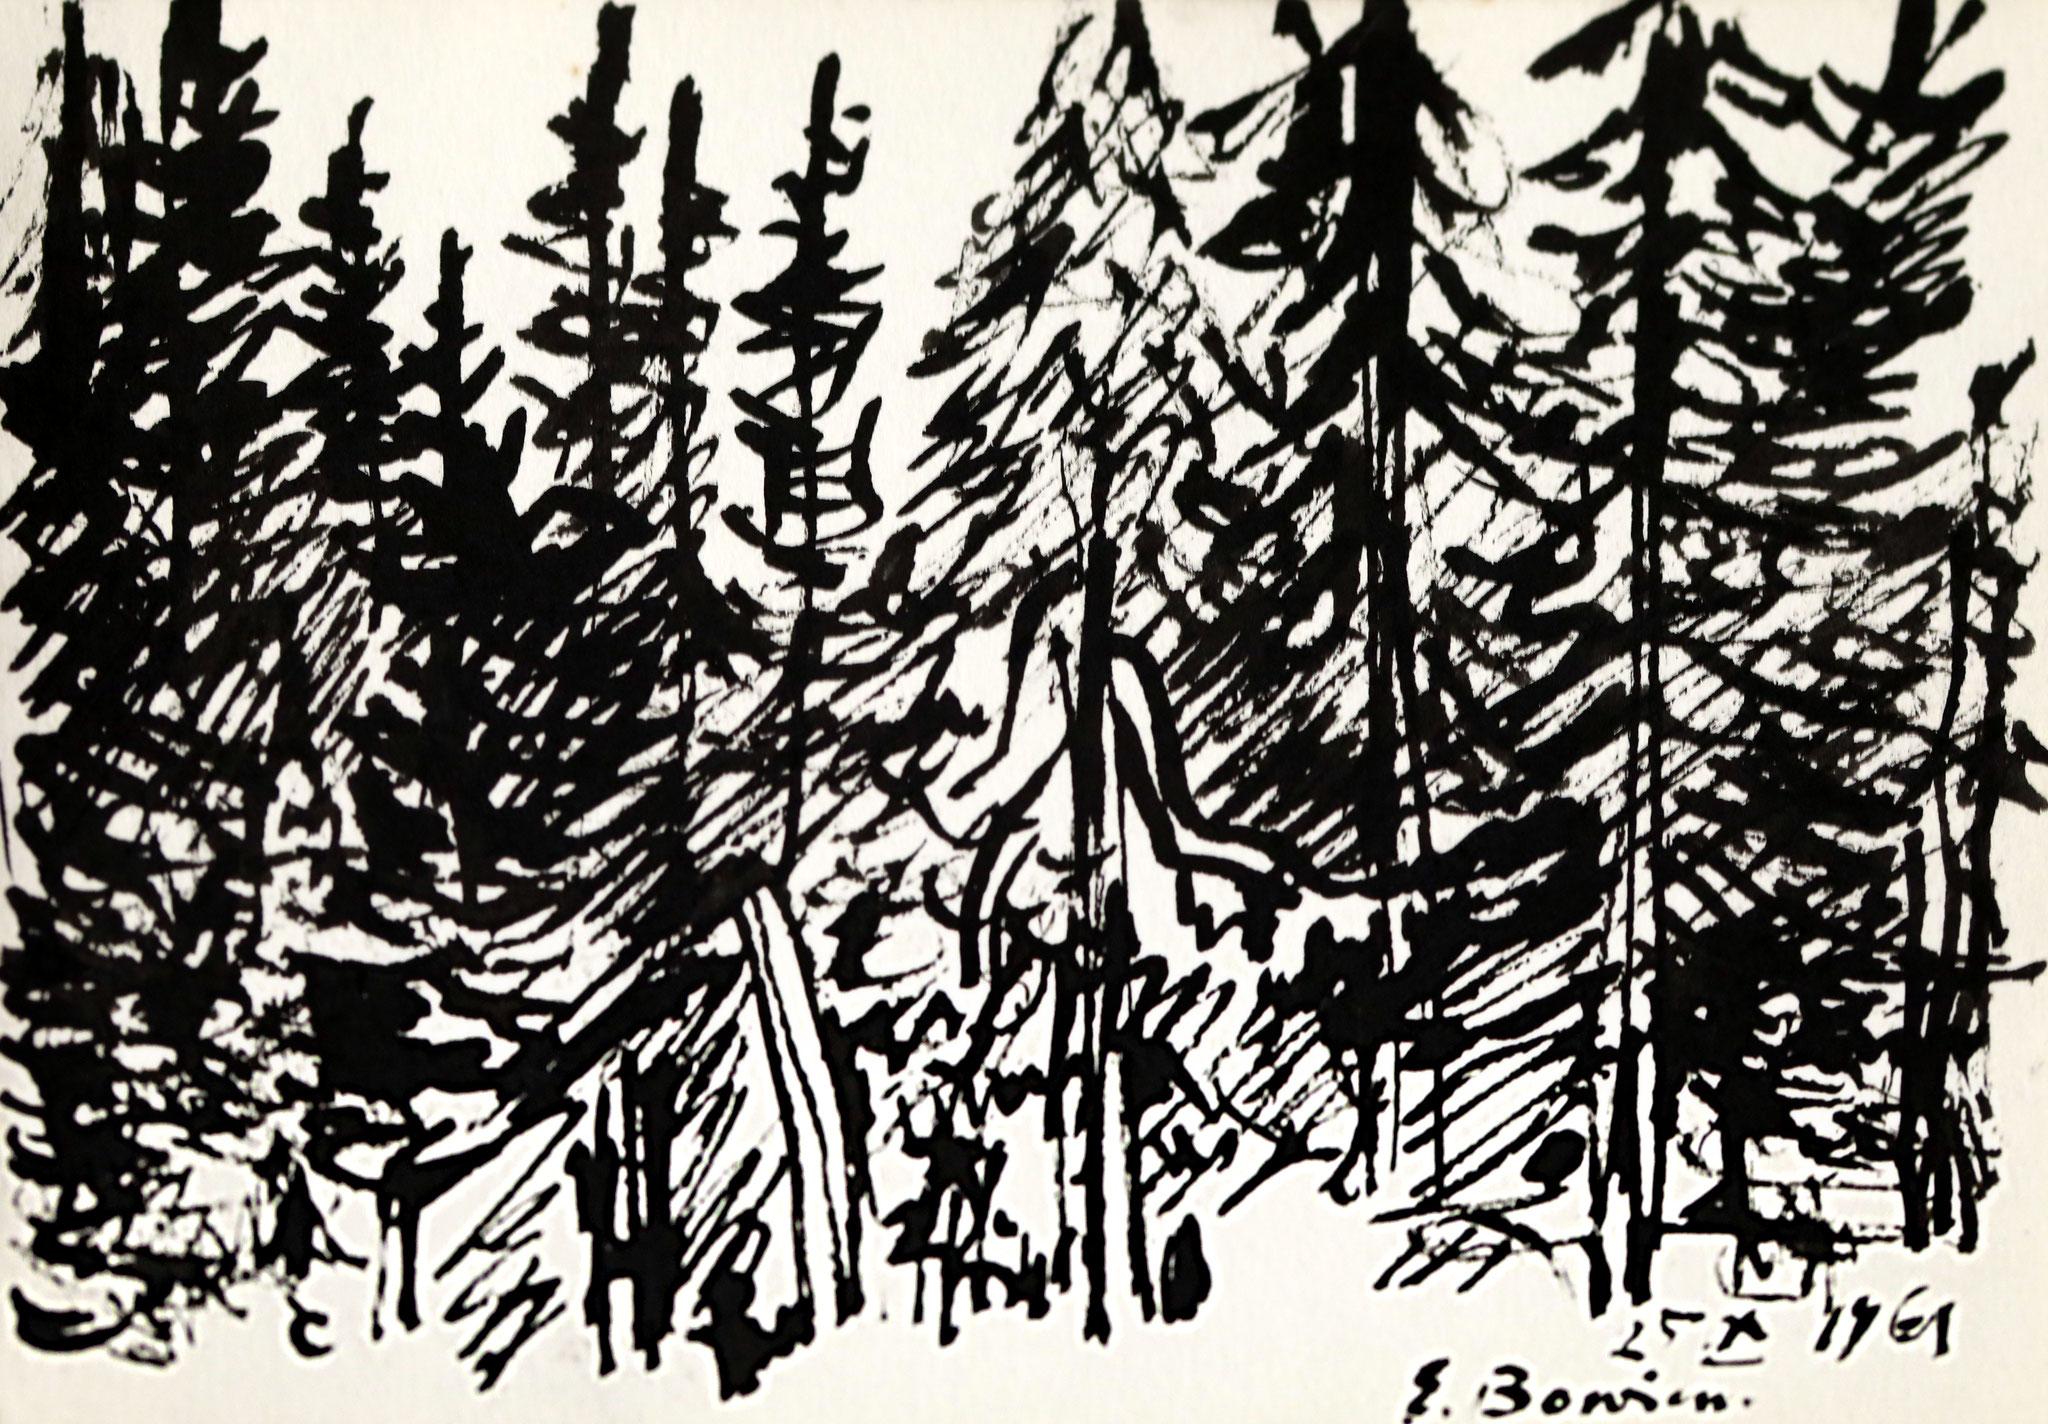 Erwin Bowien (1899 - 1972) – Norwegischer Wald, 1961